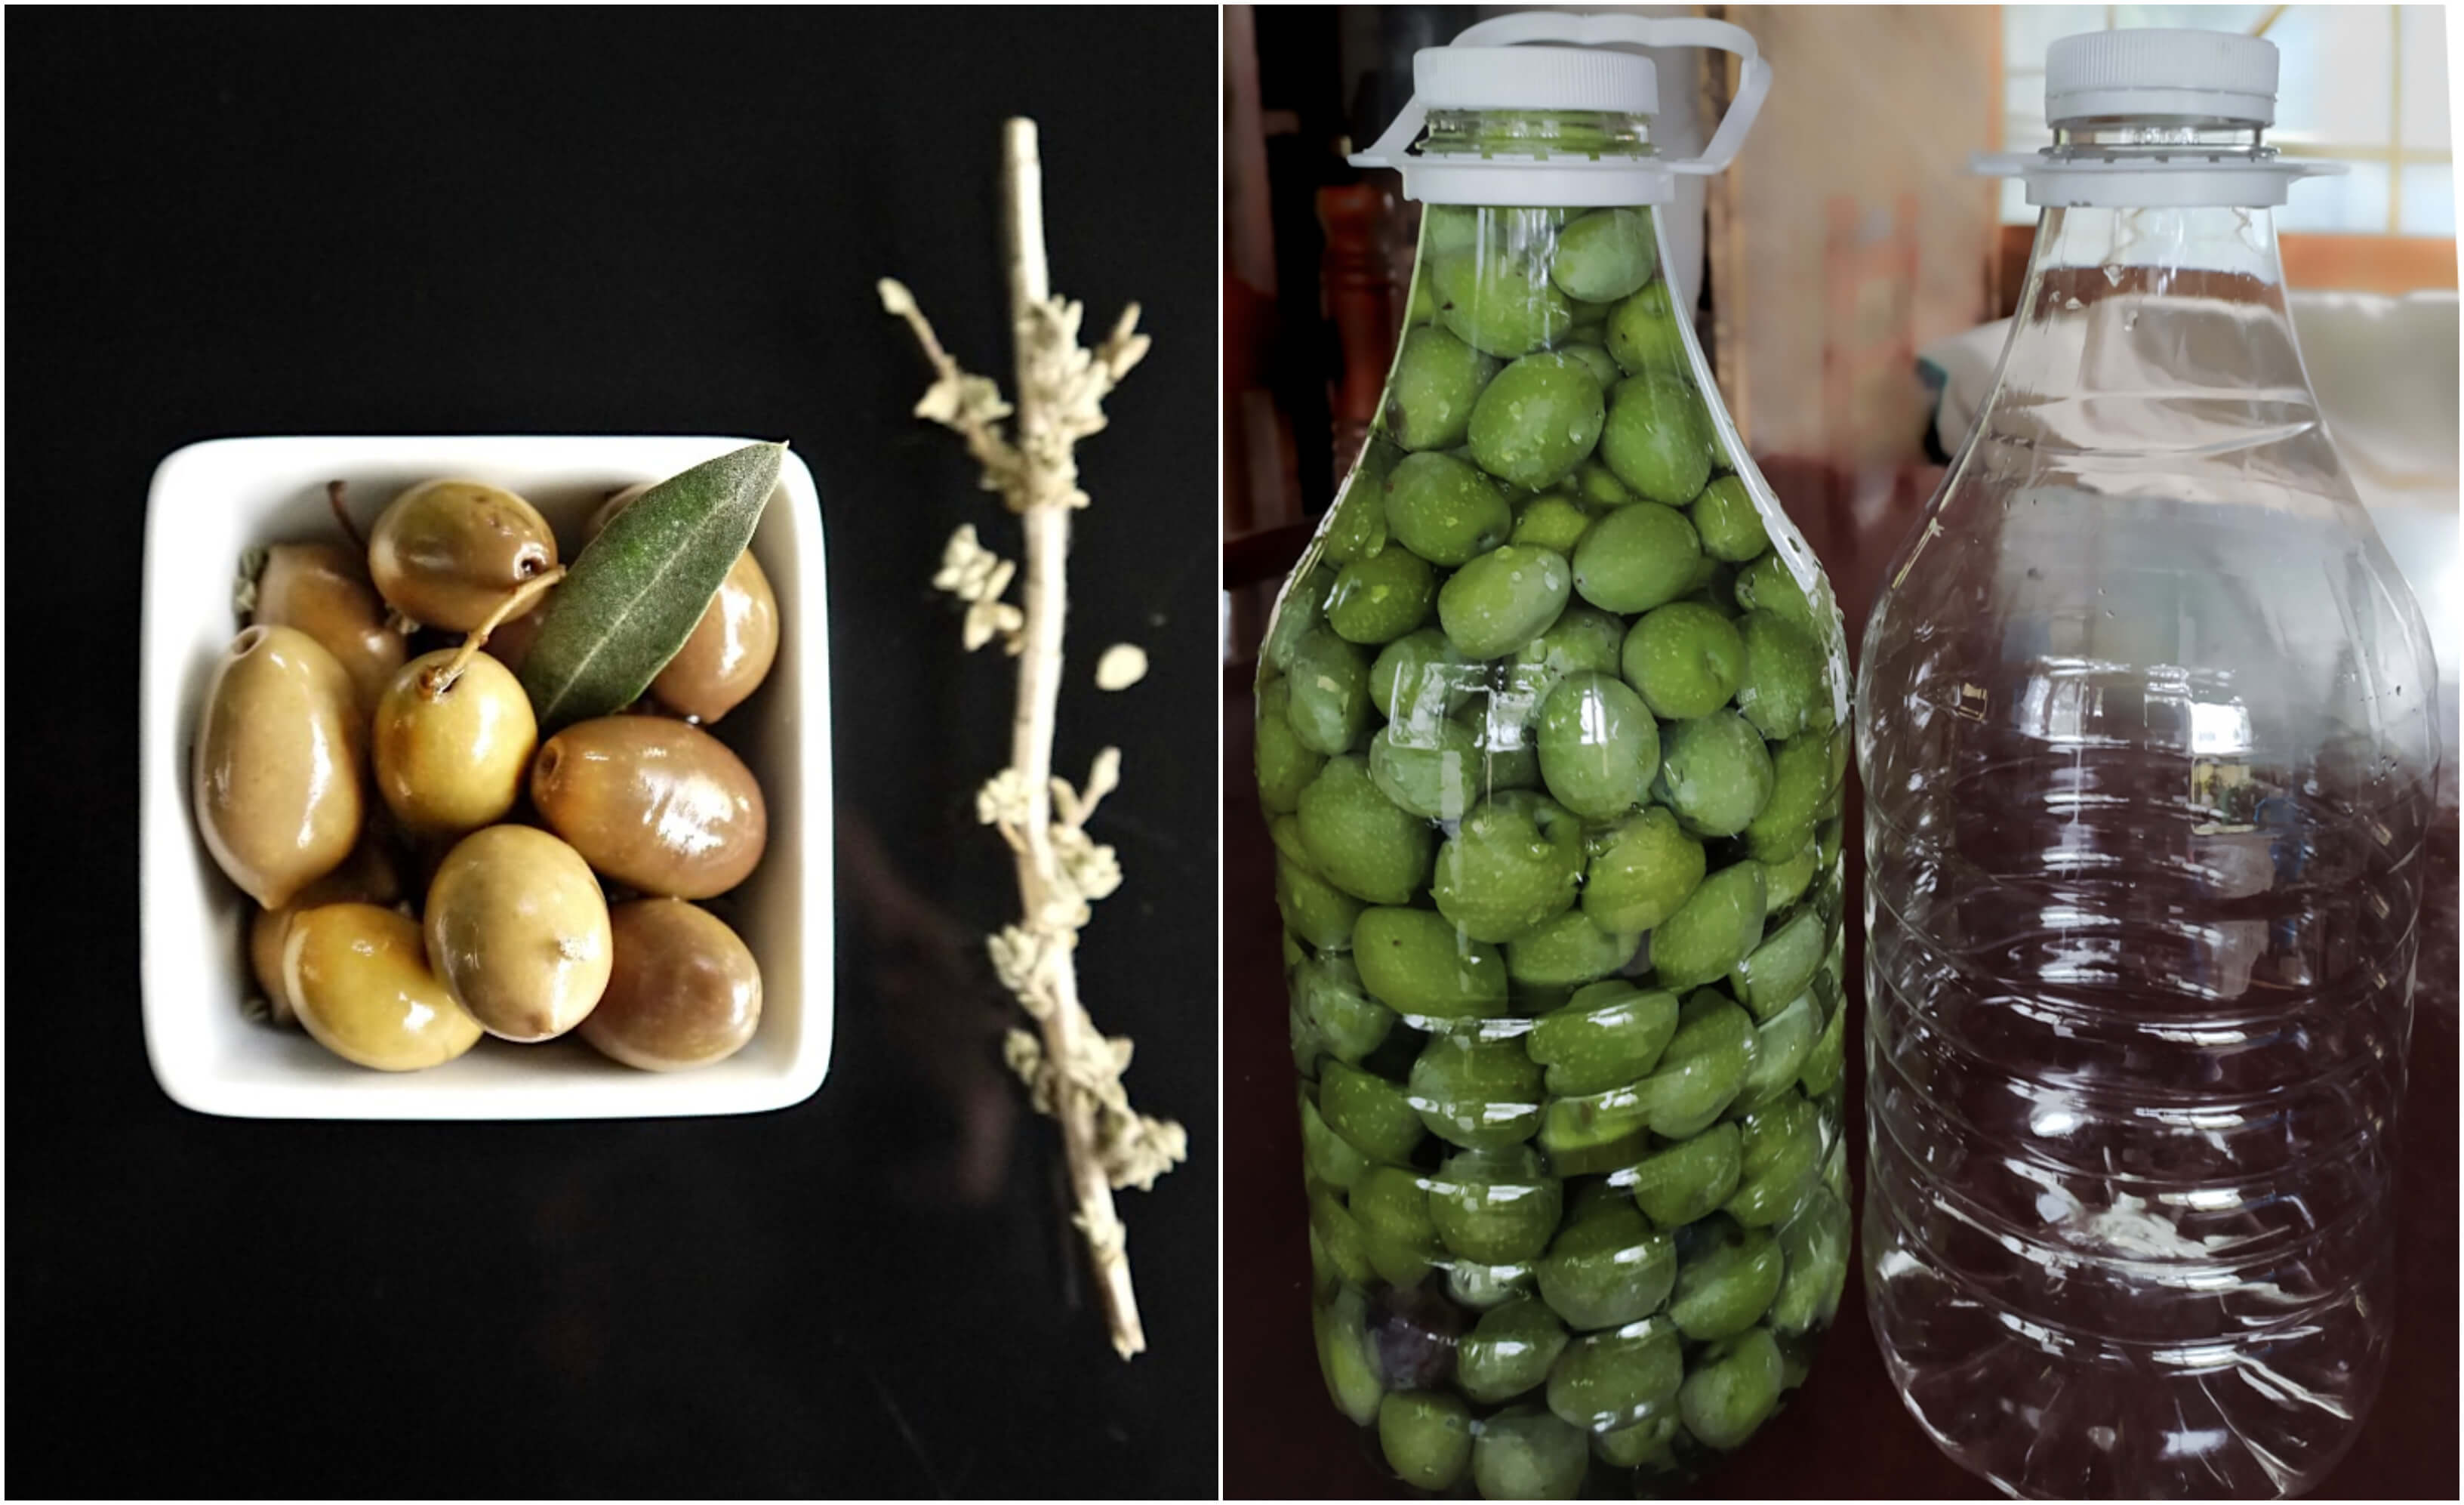 Πράσινες ελιές στο μπουκάλι